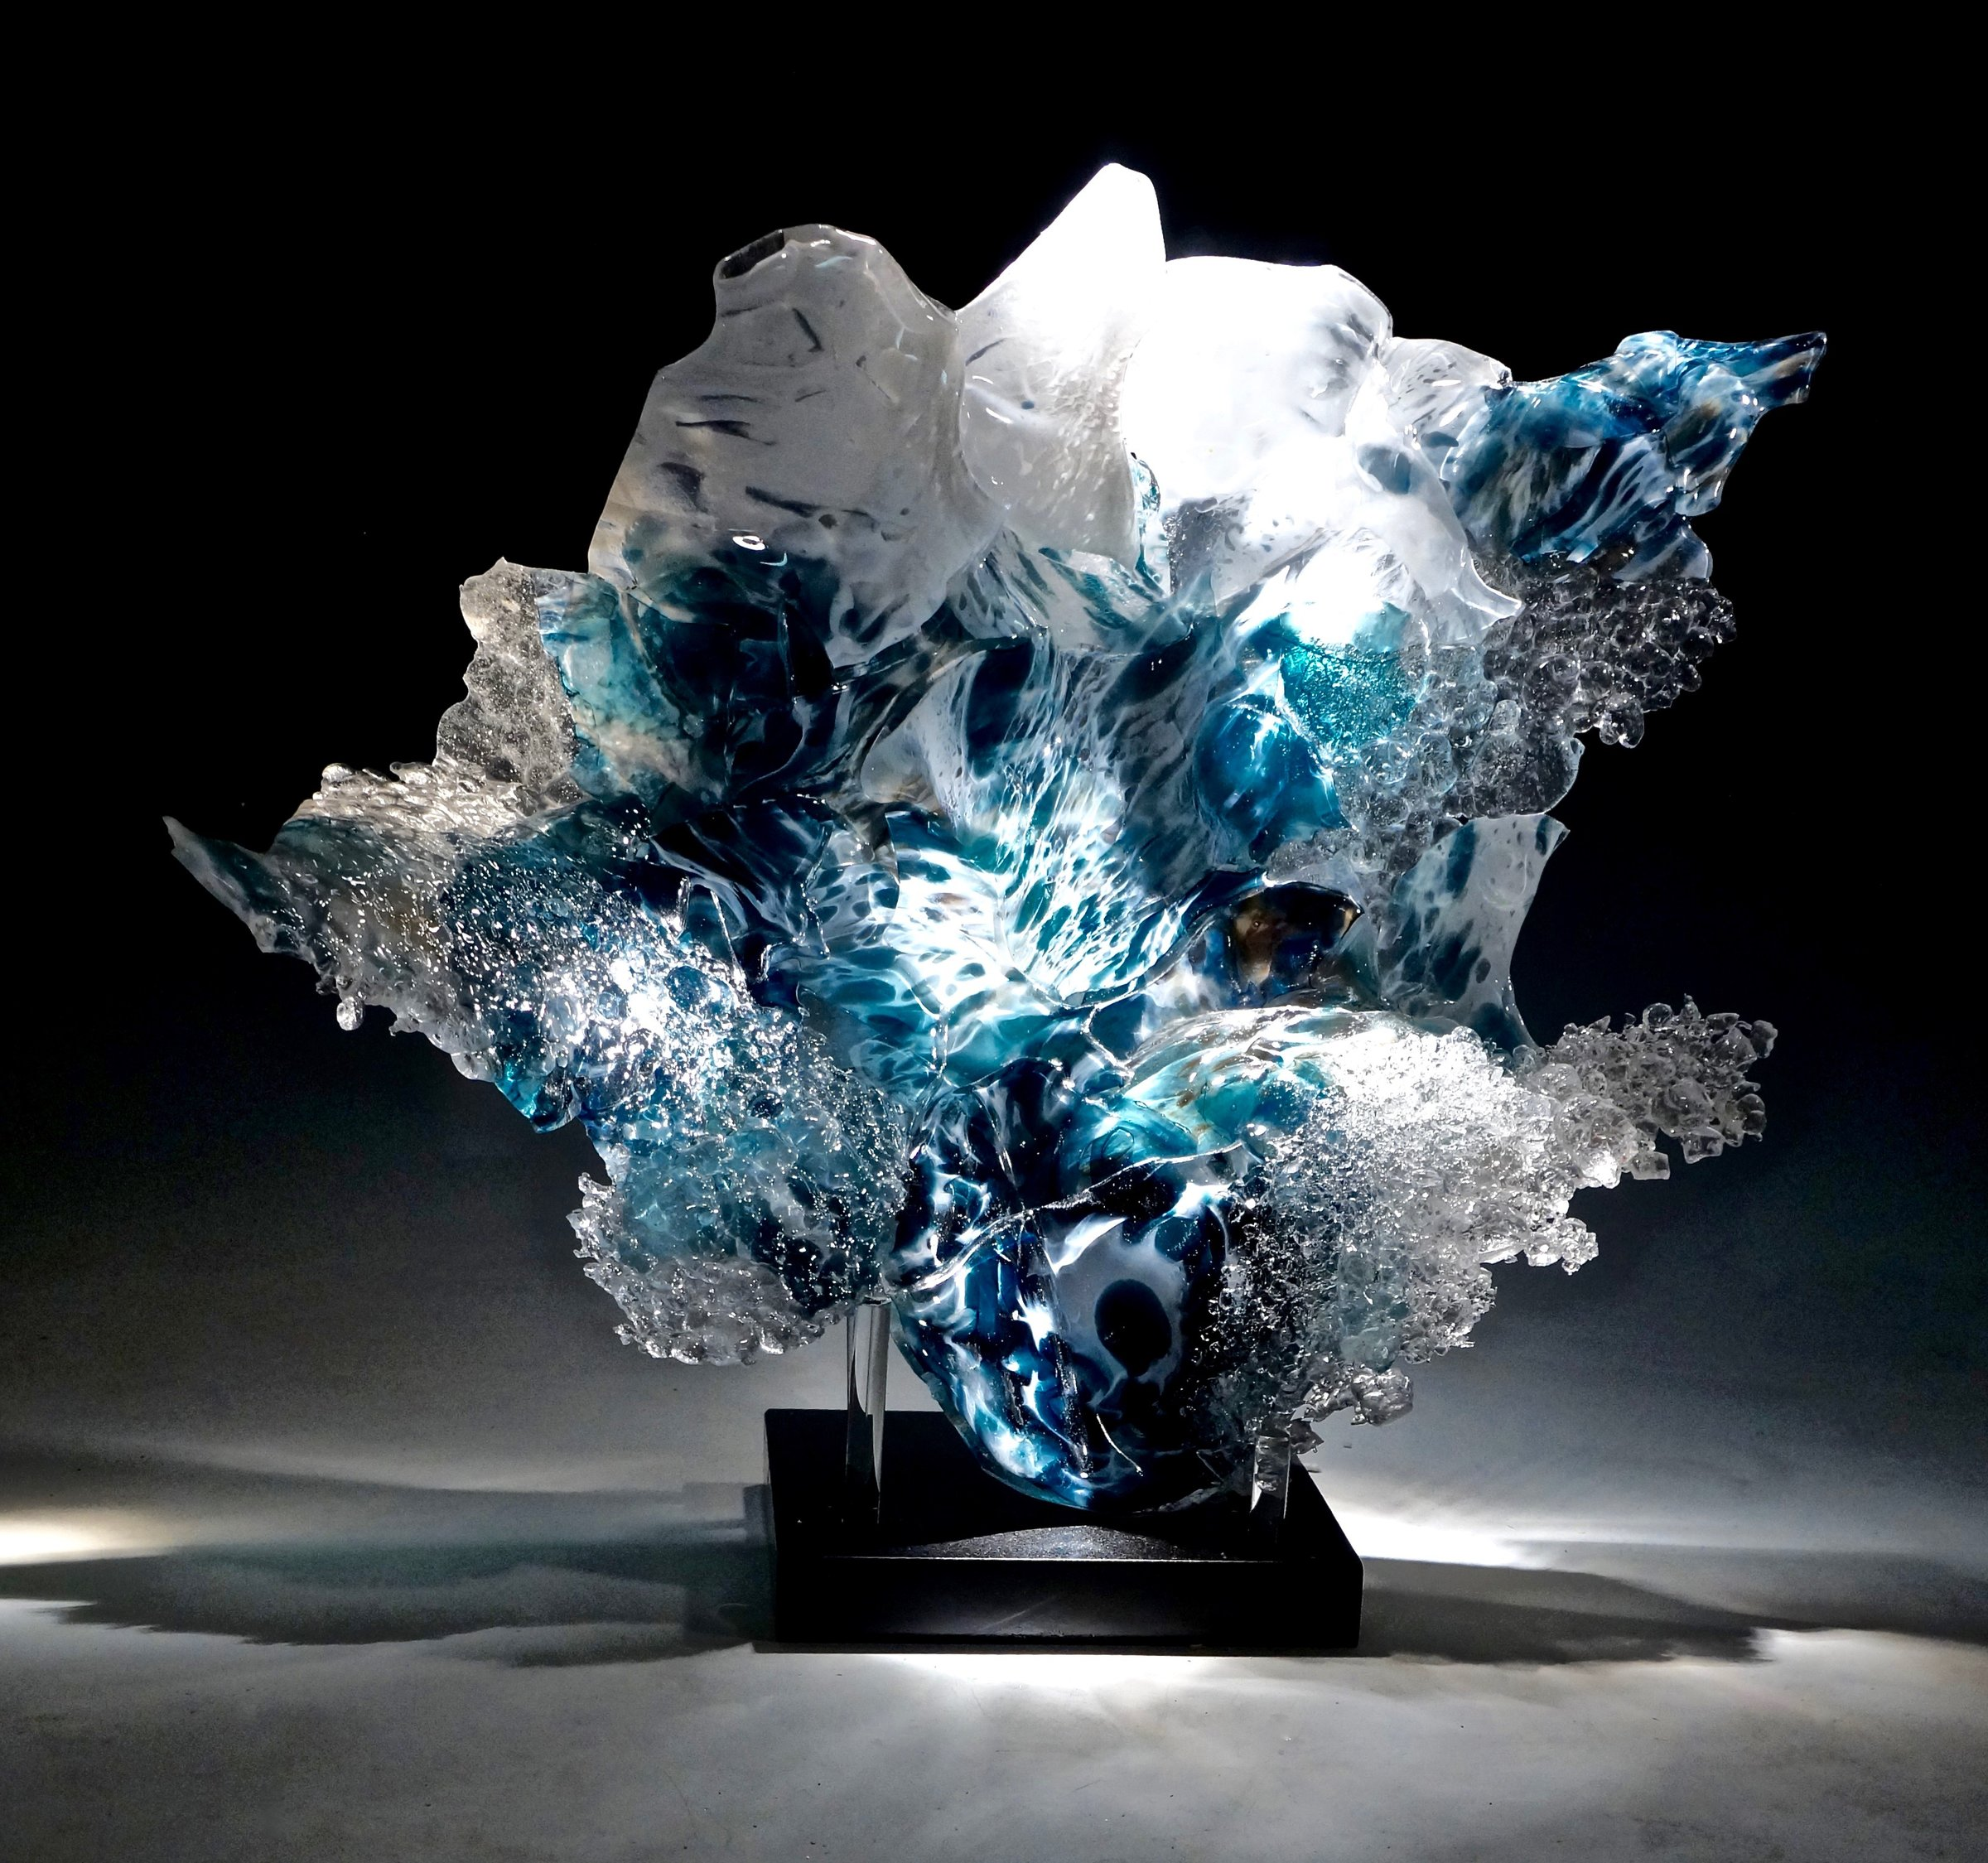 Silhouette By Caleb Nichols Art Glass Sculpture Artful Home